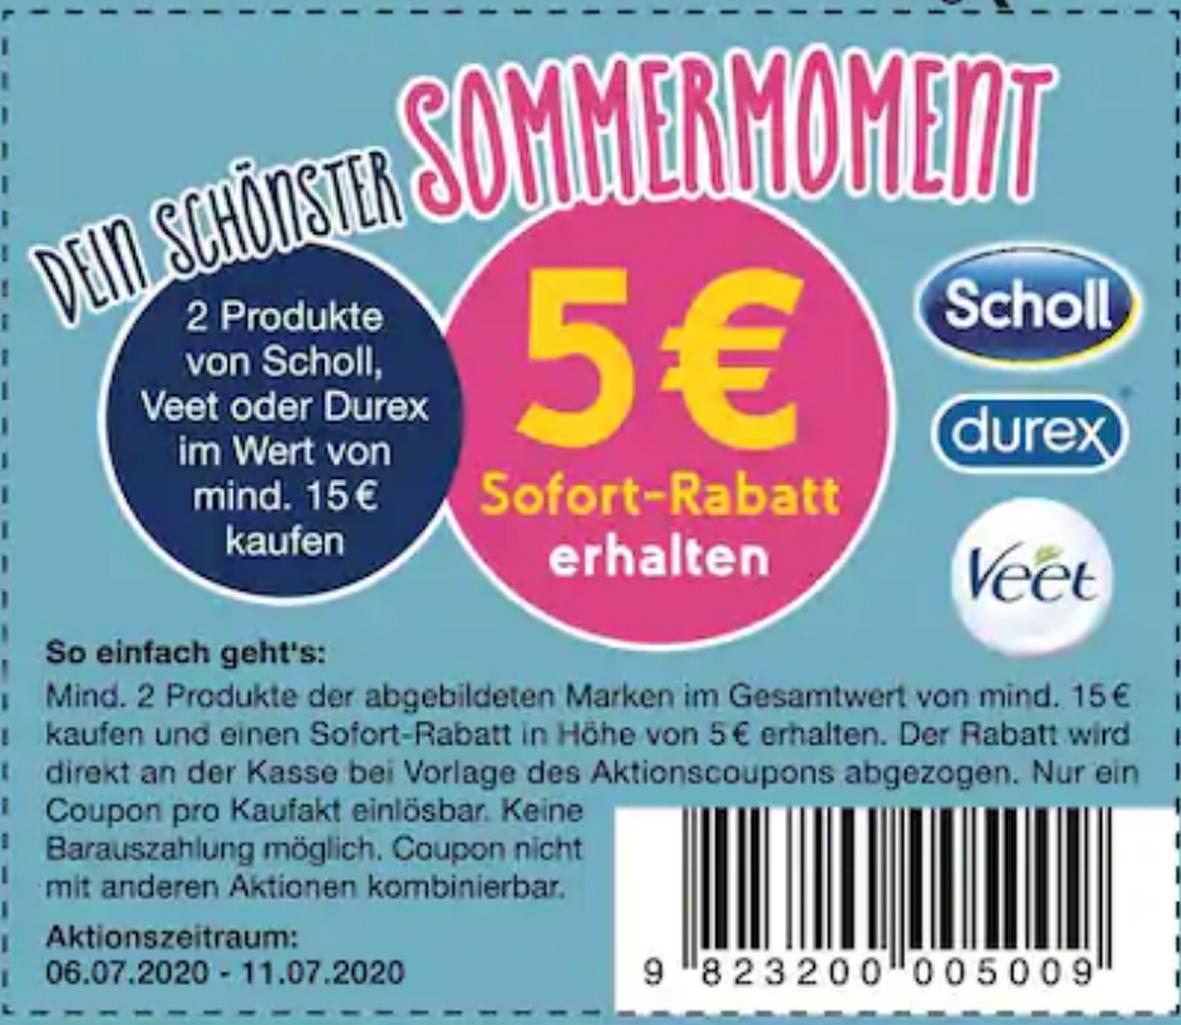 [Rossmann] 5€ Coupon für den Kauf von mind. 2 Durex, Scholl, Veet Produkten im Wert von mind. 15€